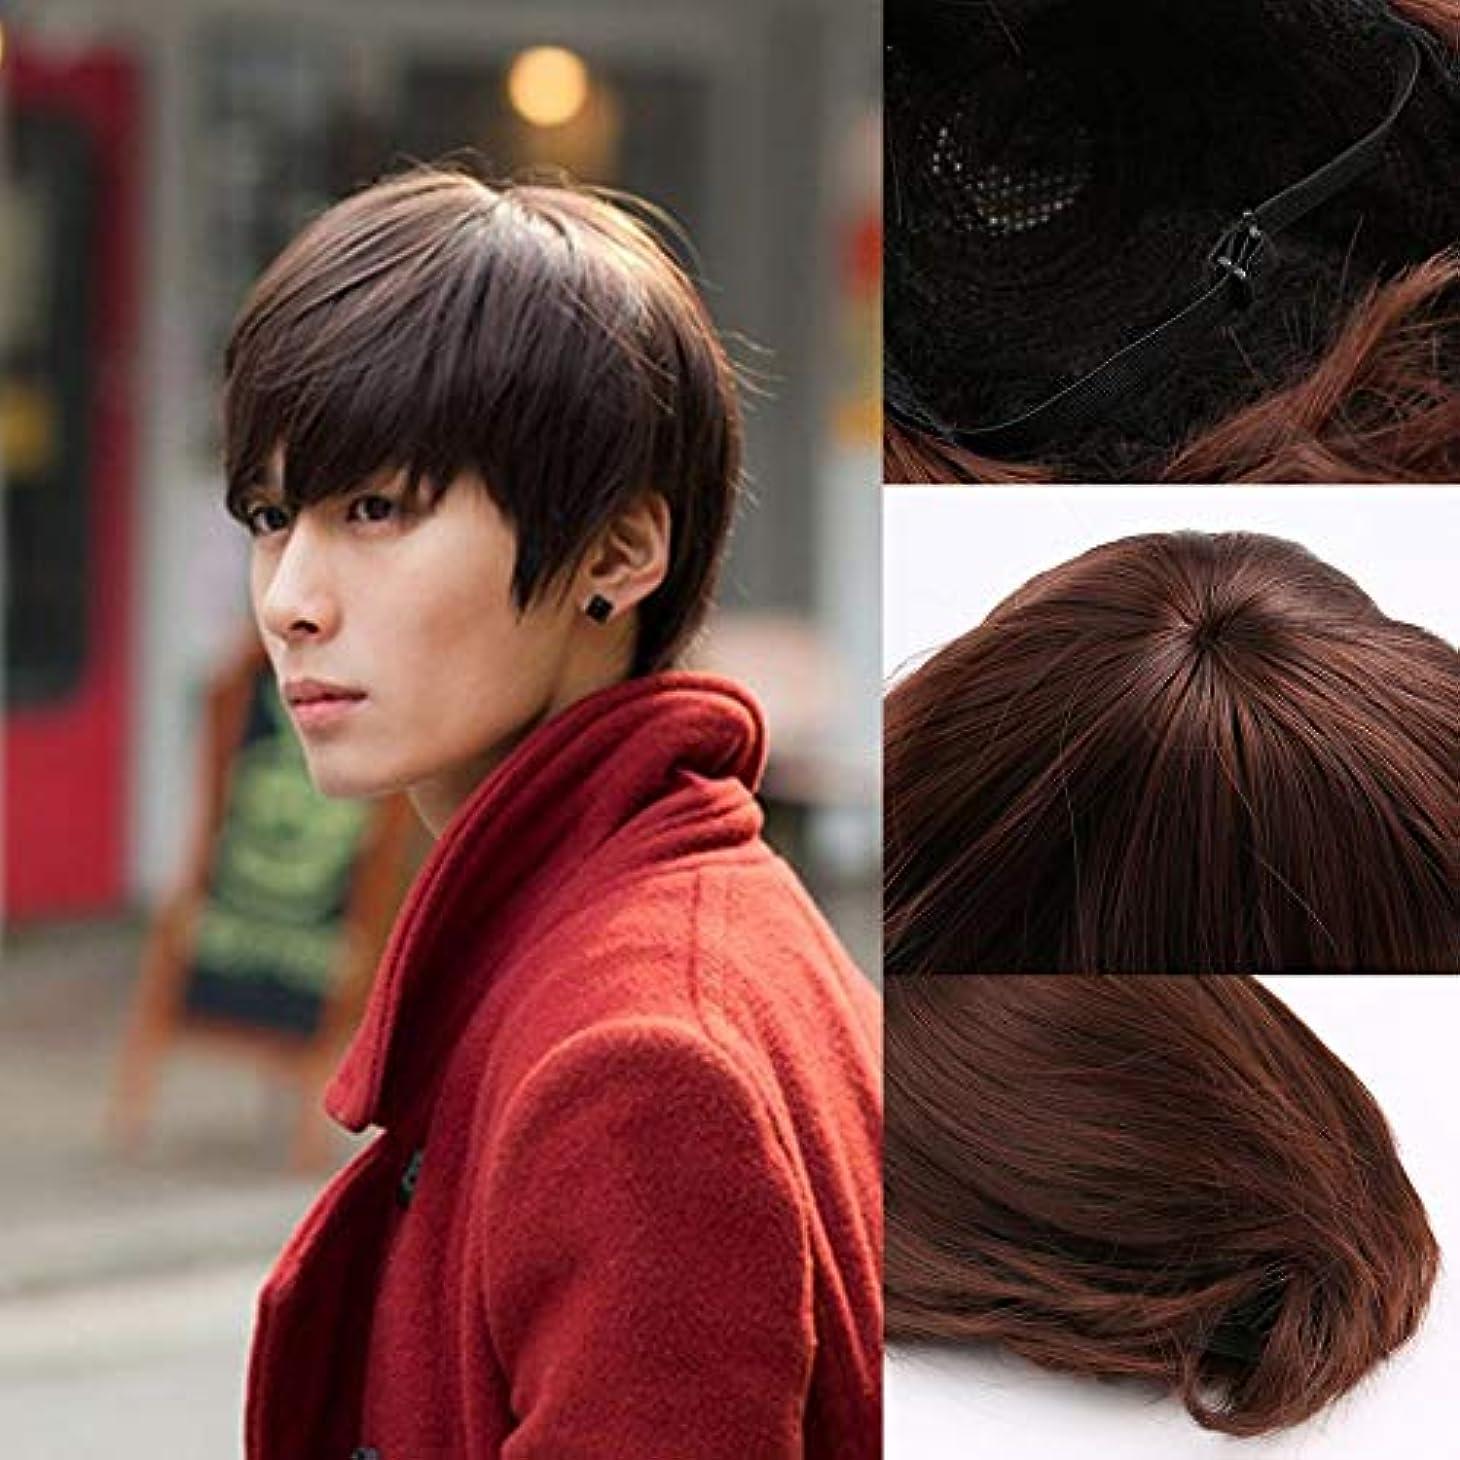 まろやかなデッキ撃退する韓国人男性のハンサムなショートストレートヘア合成フルウィッグコスプレパーティー3色繊維通気性フィット別のヘッドタイプ(Color:Dark brown)